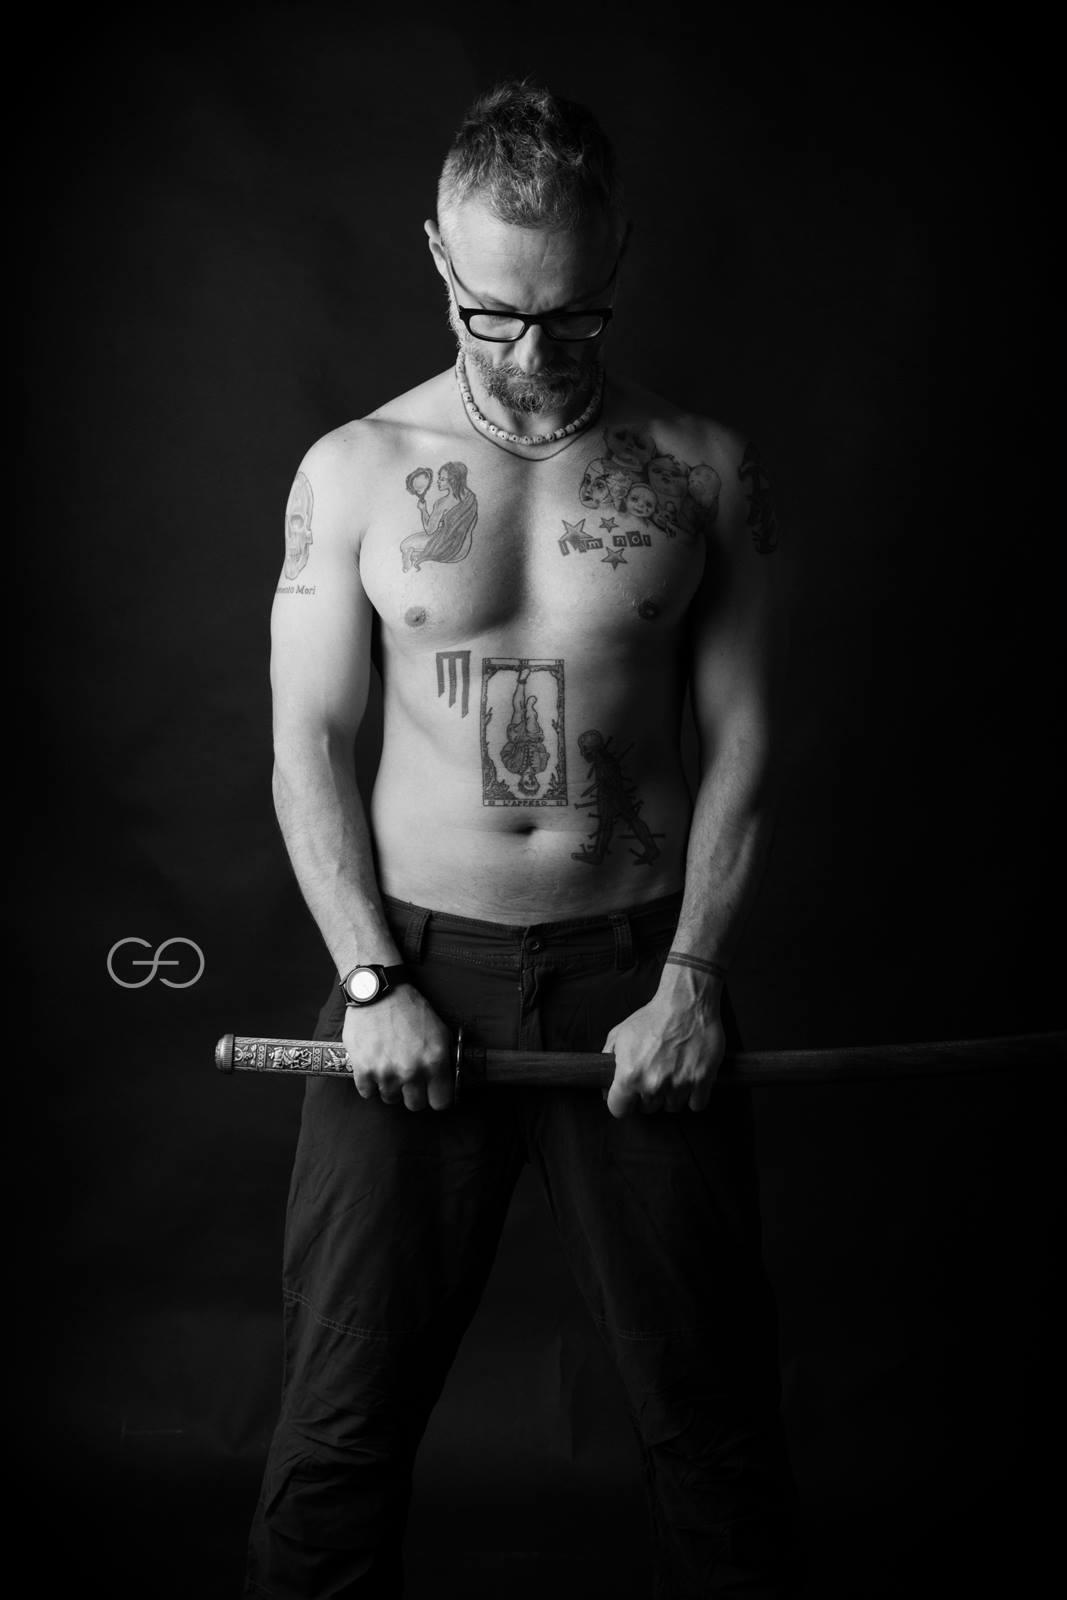 swordman...